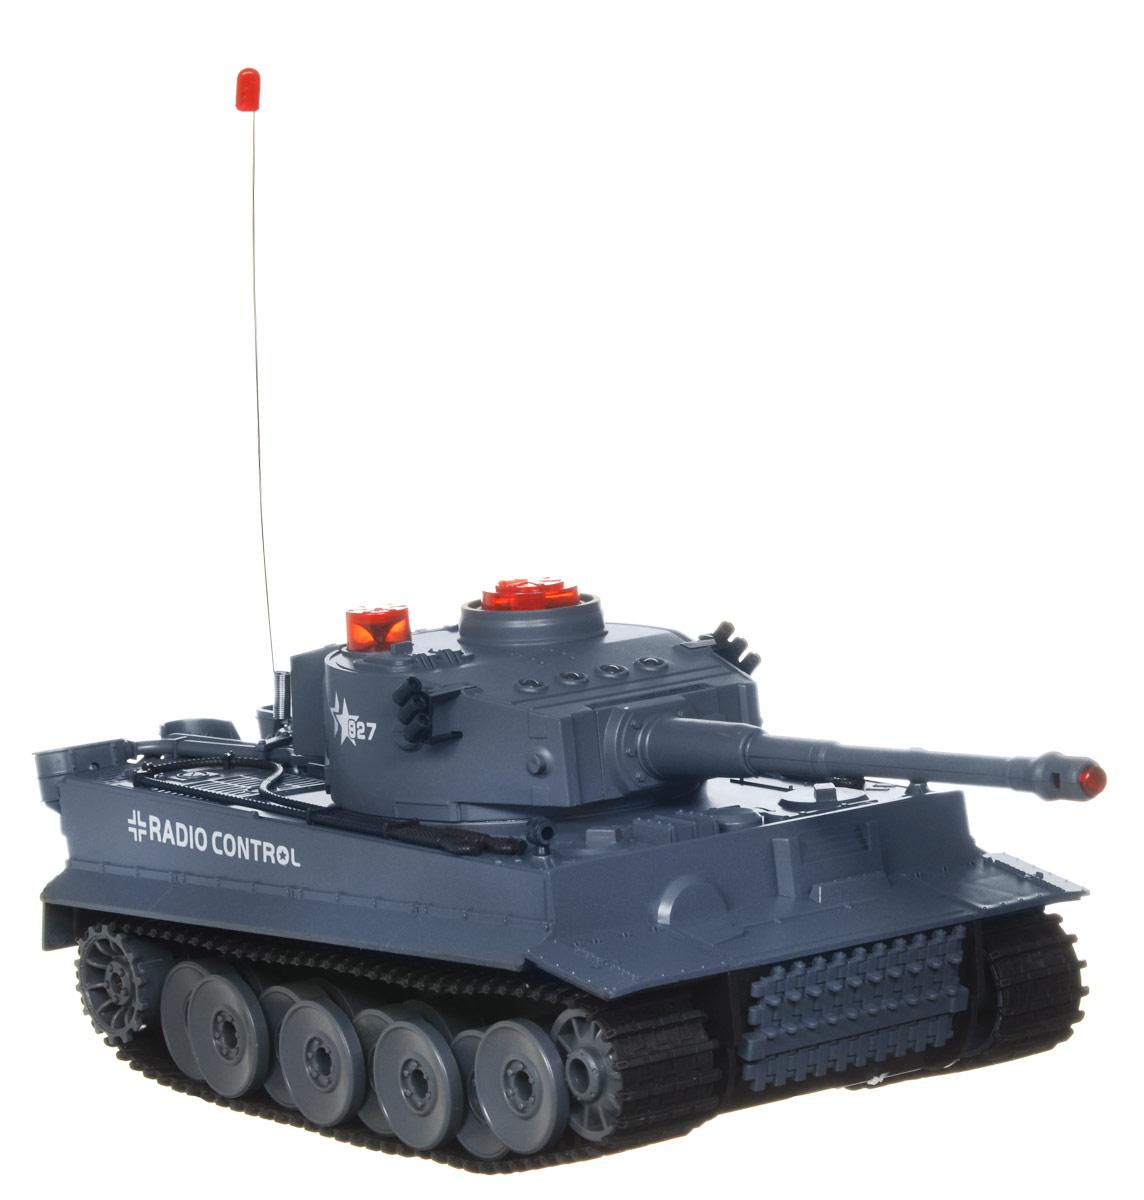 ABtoys Танк на радиоуправлении C-00058 радиоуправляемый танк abtoys с инфракрасным наведением звук свет c 00058 518